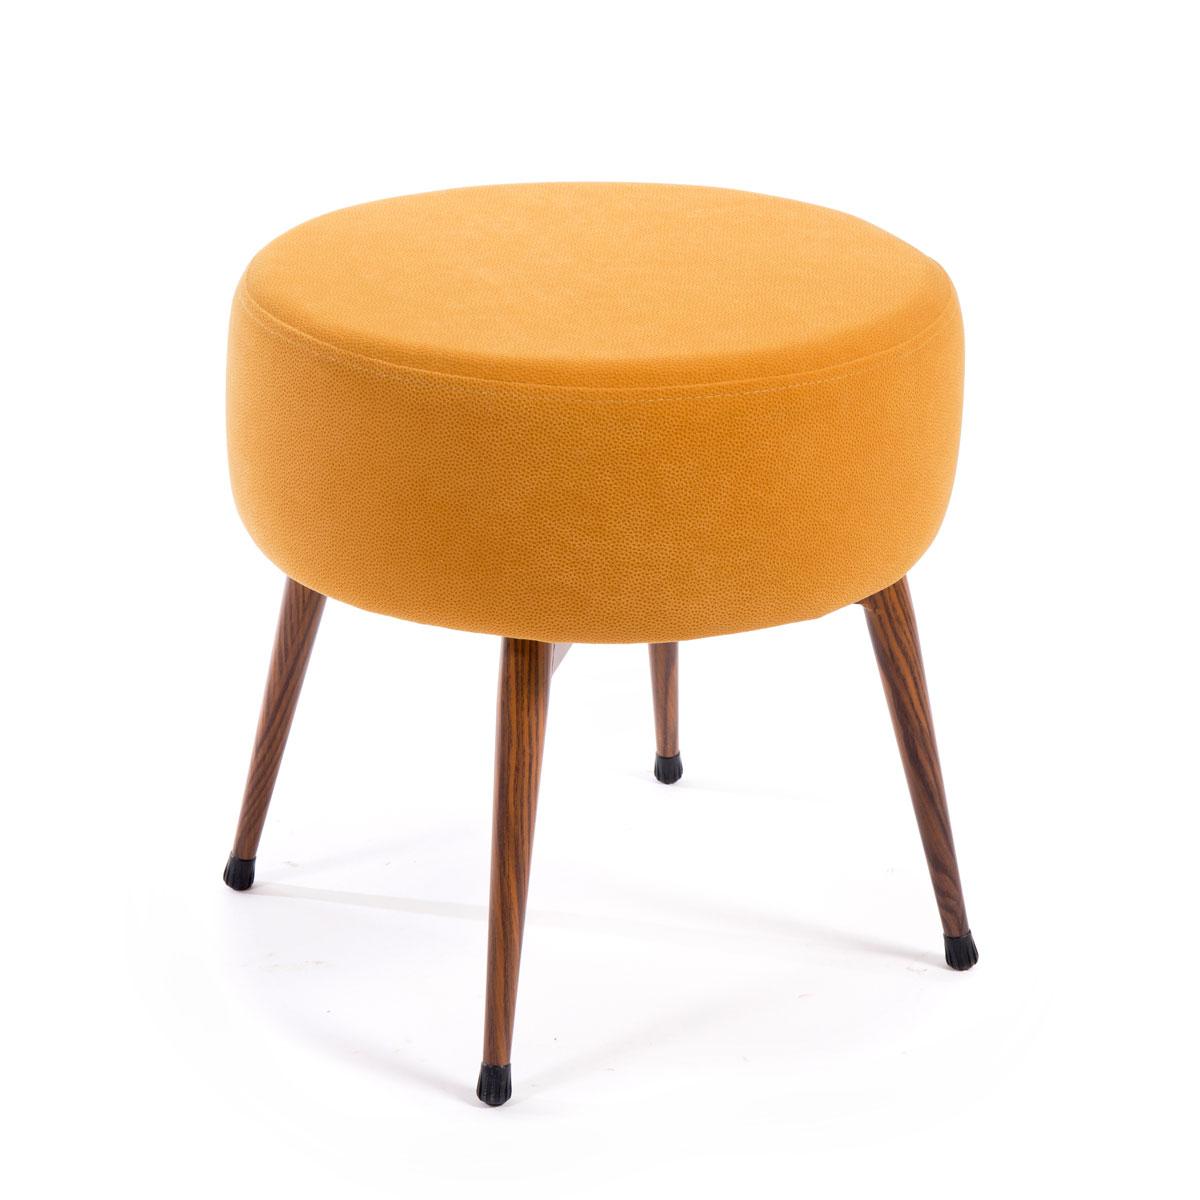 כיסא הדום מעוצב לכל חדרי הבית דגם OTTO במגוון צבעים לבחירה מבית BRADEX - תמונה 6